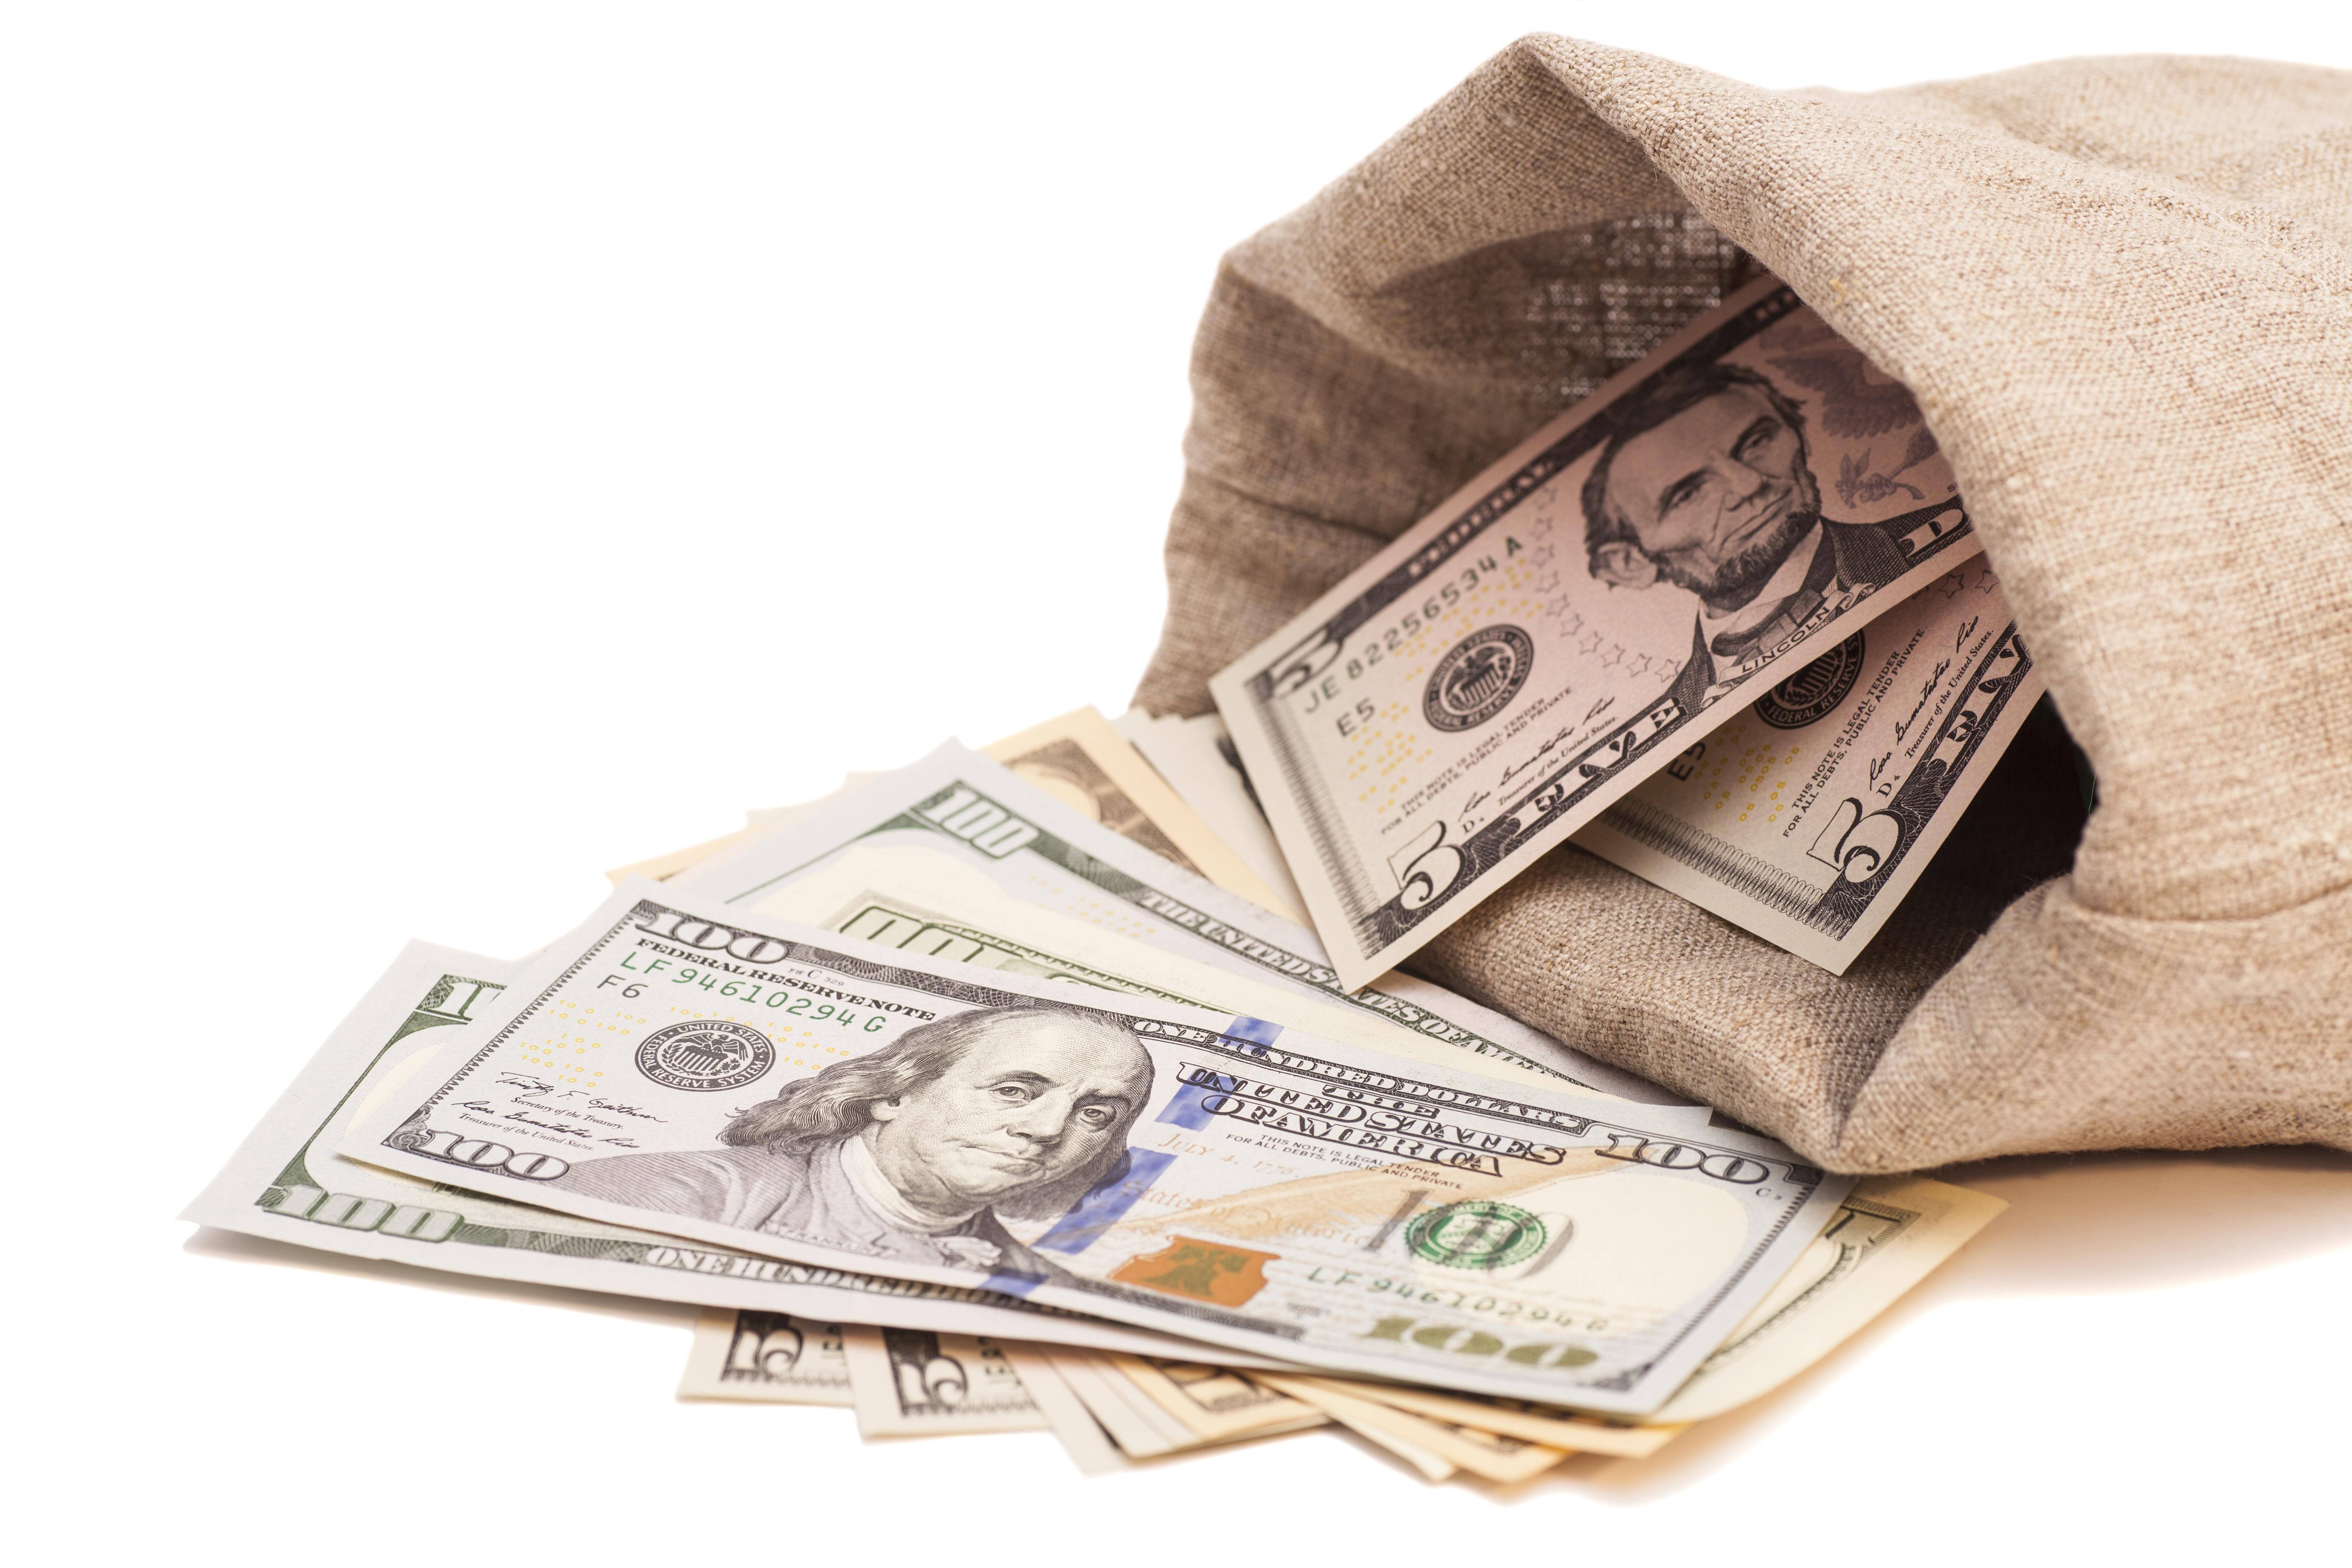 Američtí milionáři chtějí zvýšit své daně, aby pomohli chudým